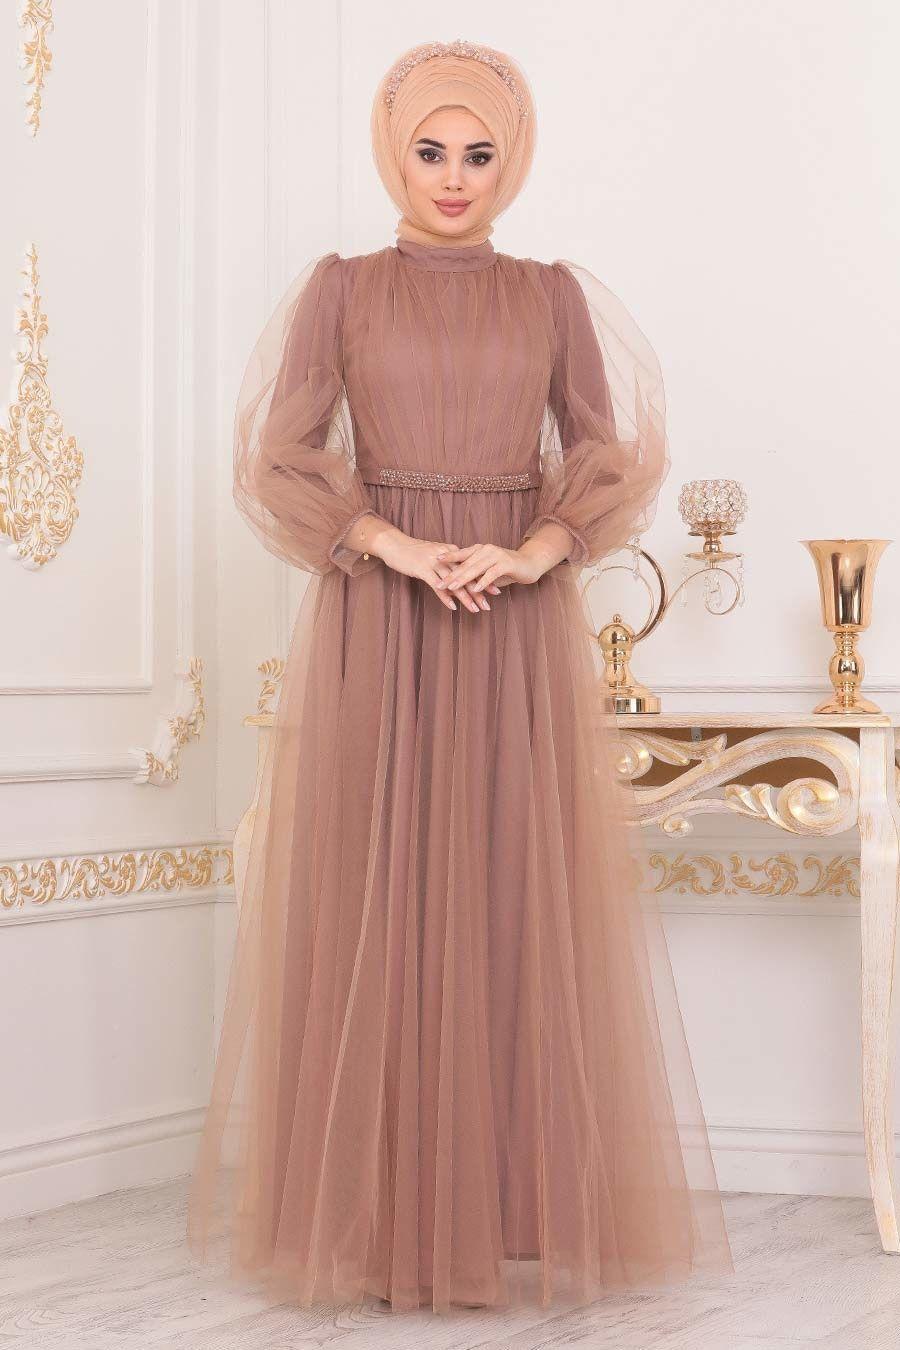 Tesetturlu Abiye Elbise Tullu Vizon Tesettur Abiye Elbise 40020v Tesetturisland Com 2020 Elbise The Dress Resmi Elbise